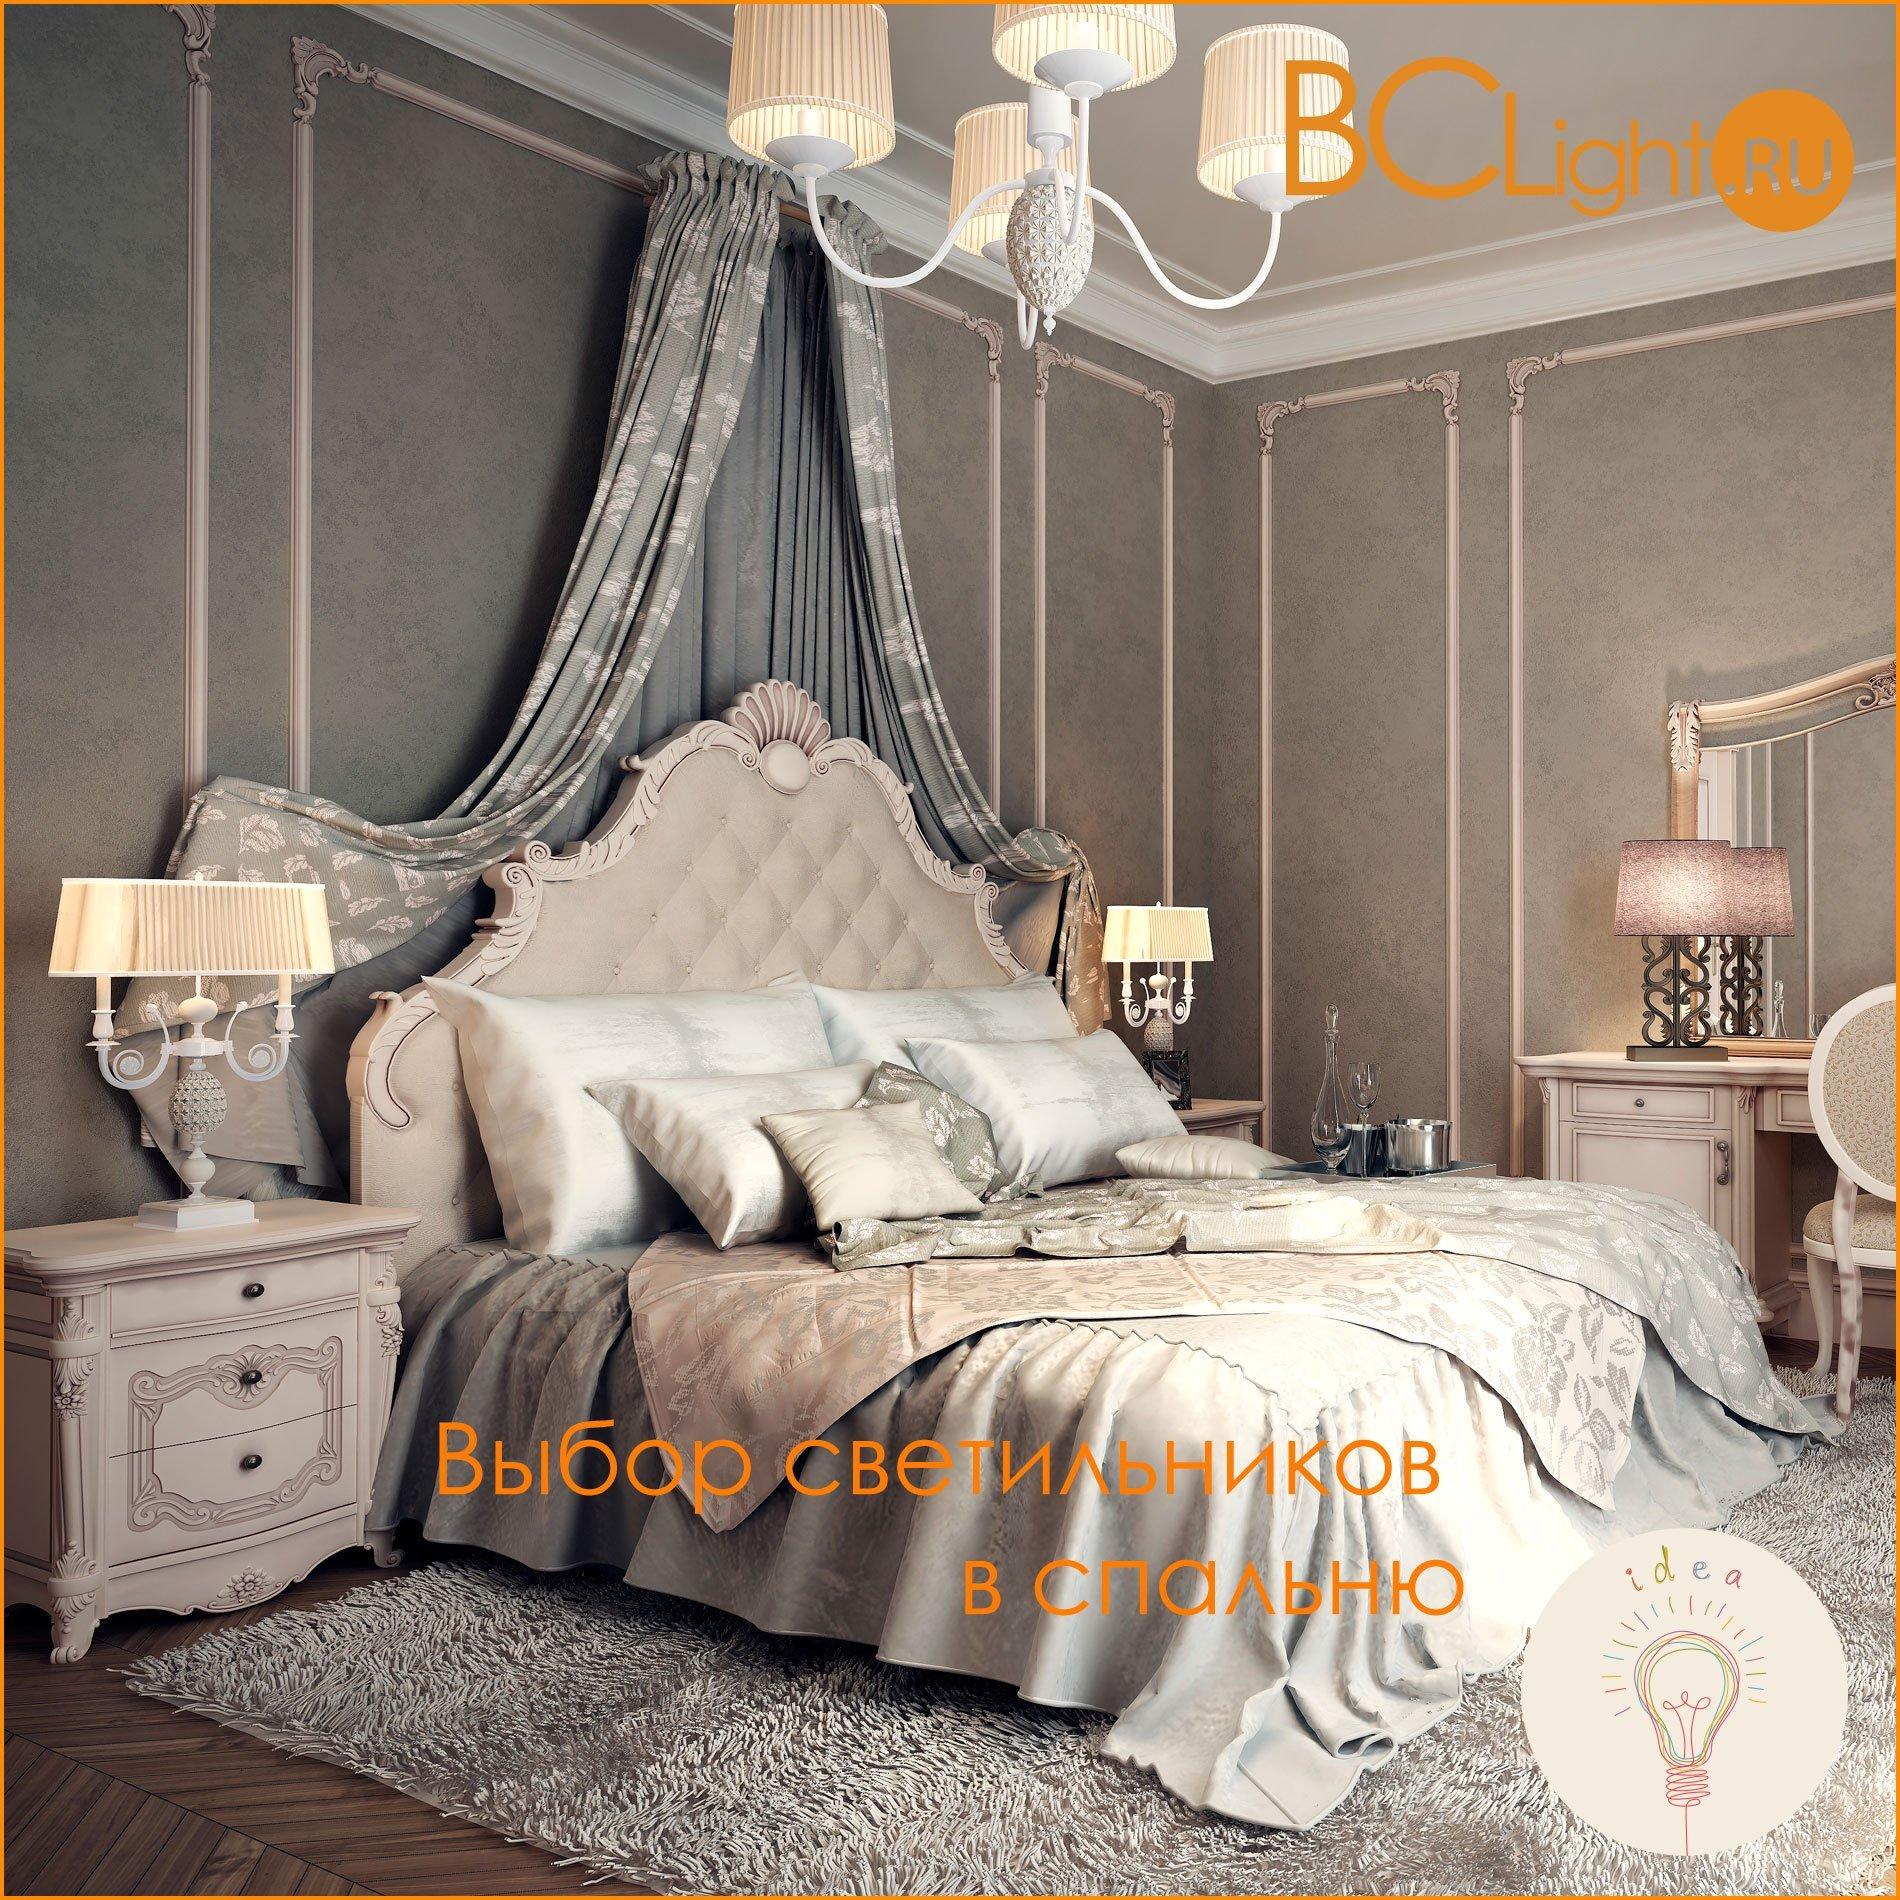 Выбор светильников в спальню